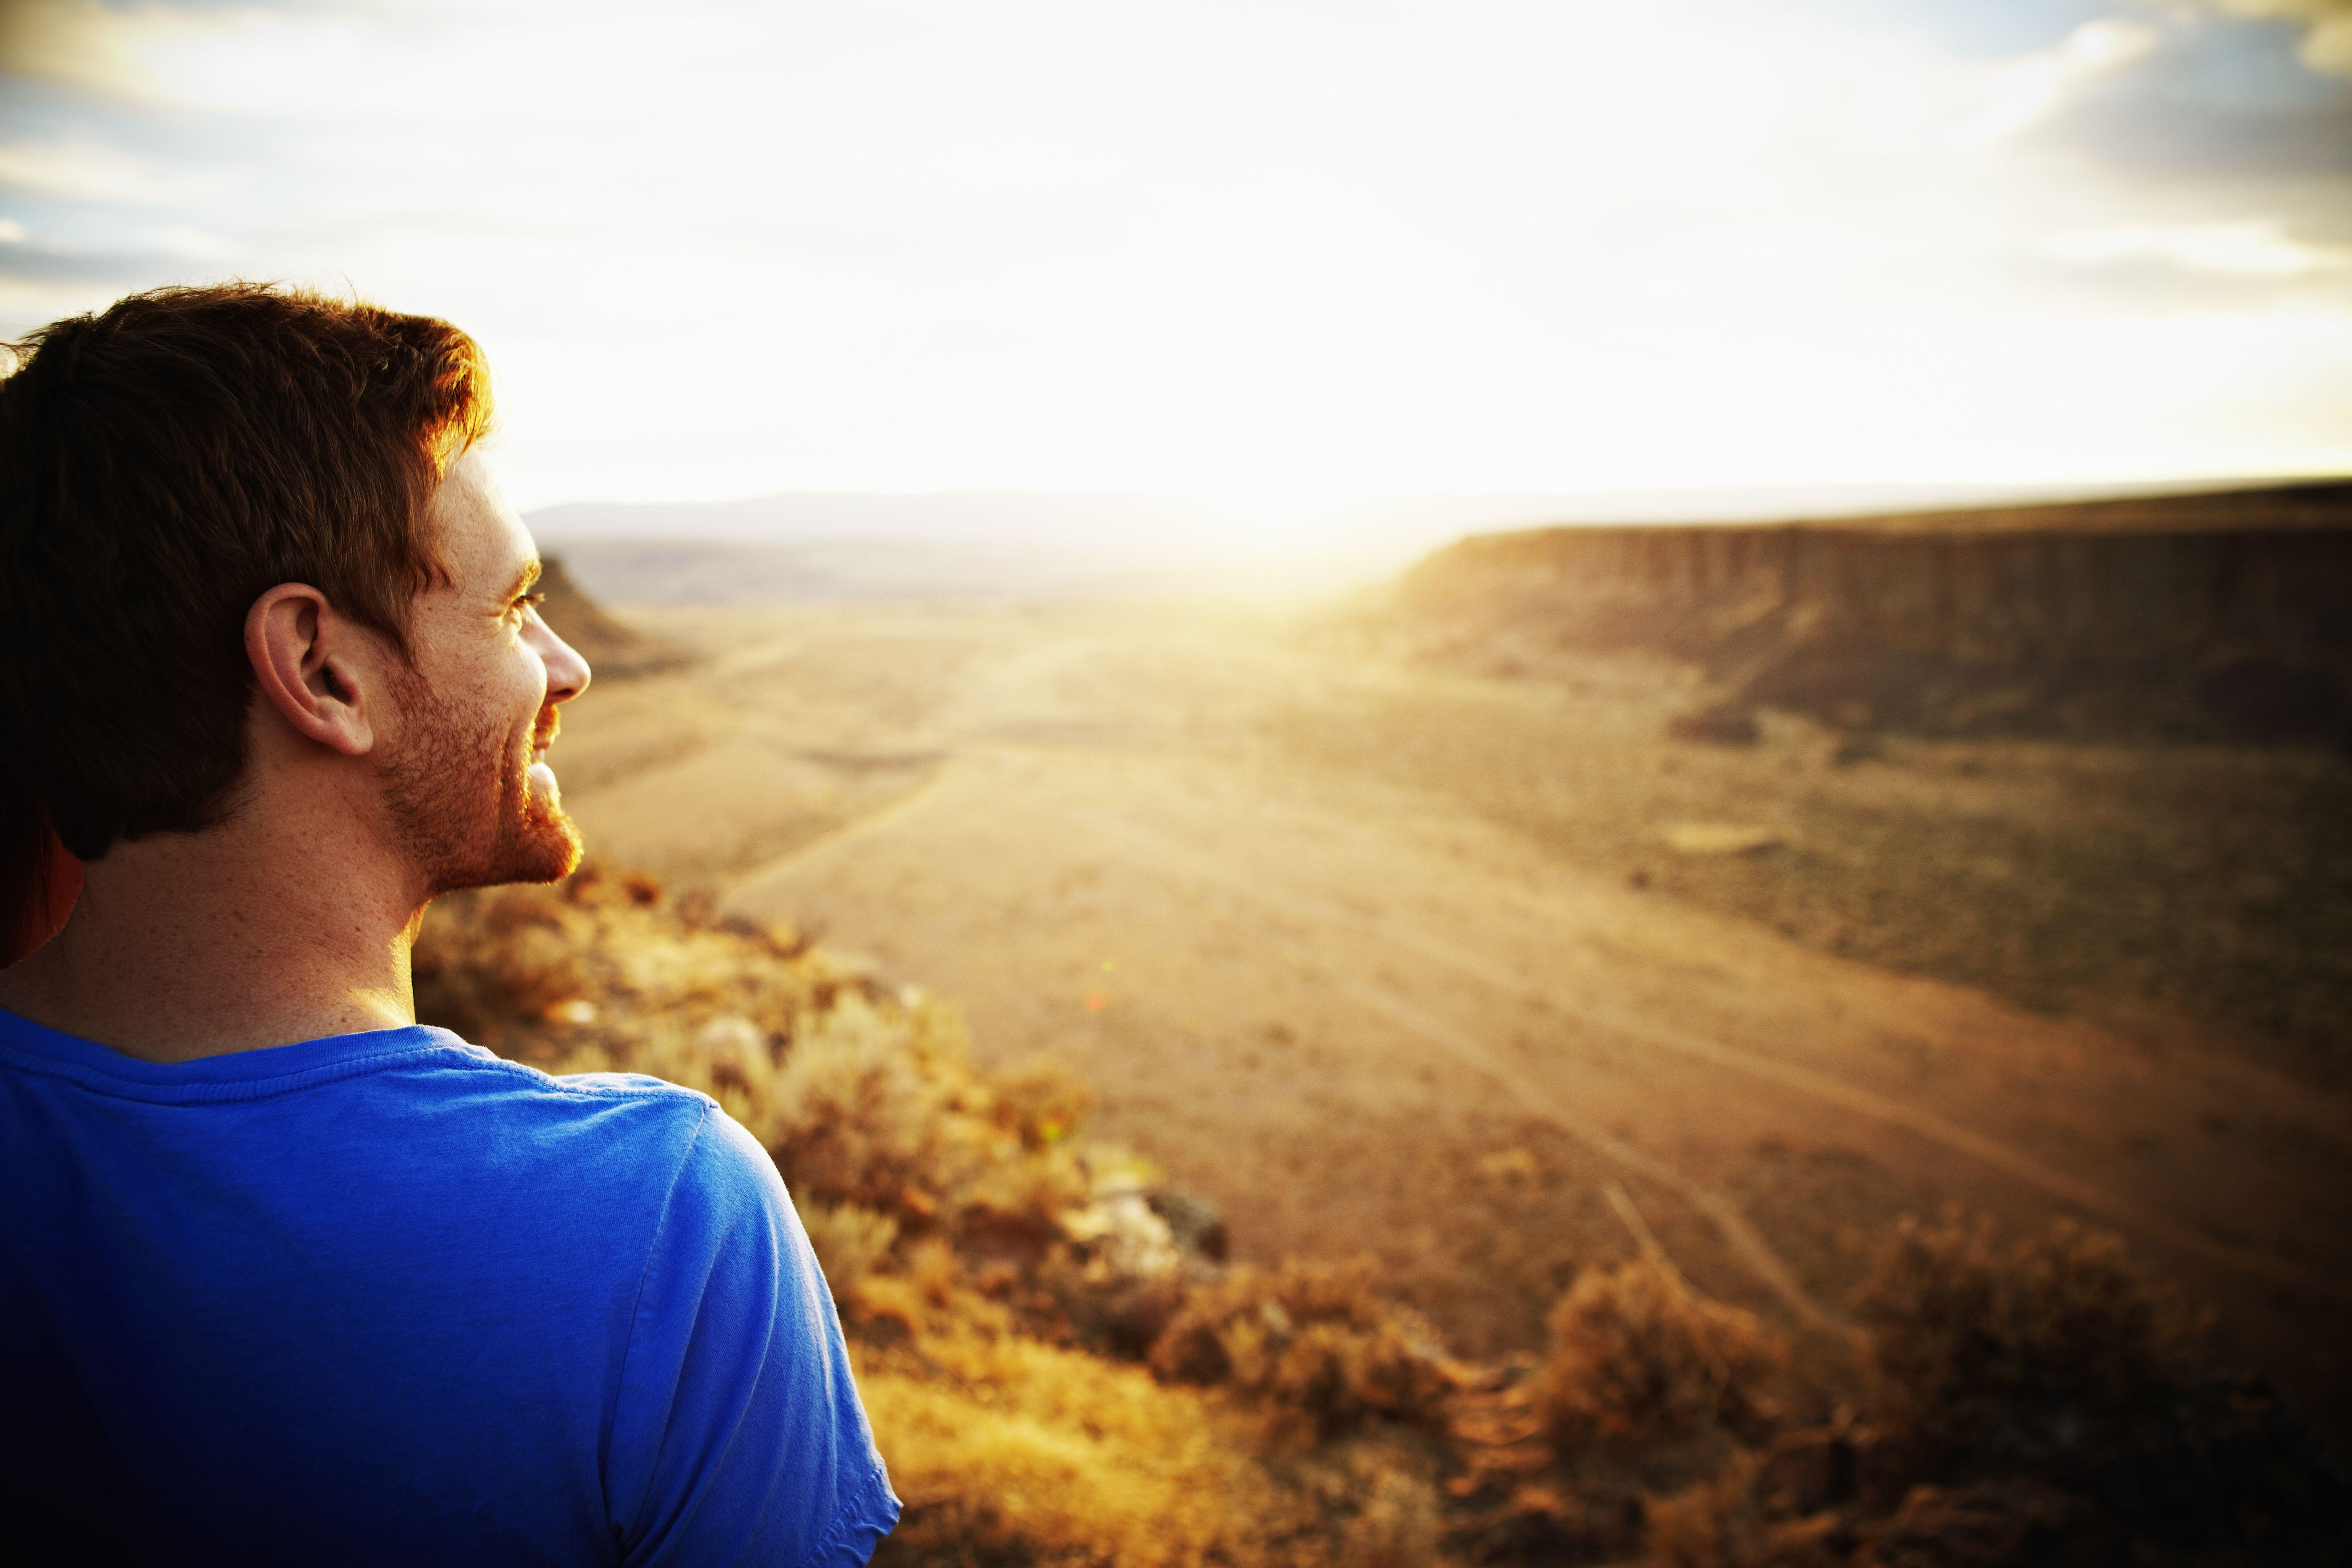 девушка уверенностью фото парень думает о смысле жизни существовании